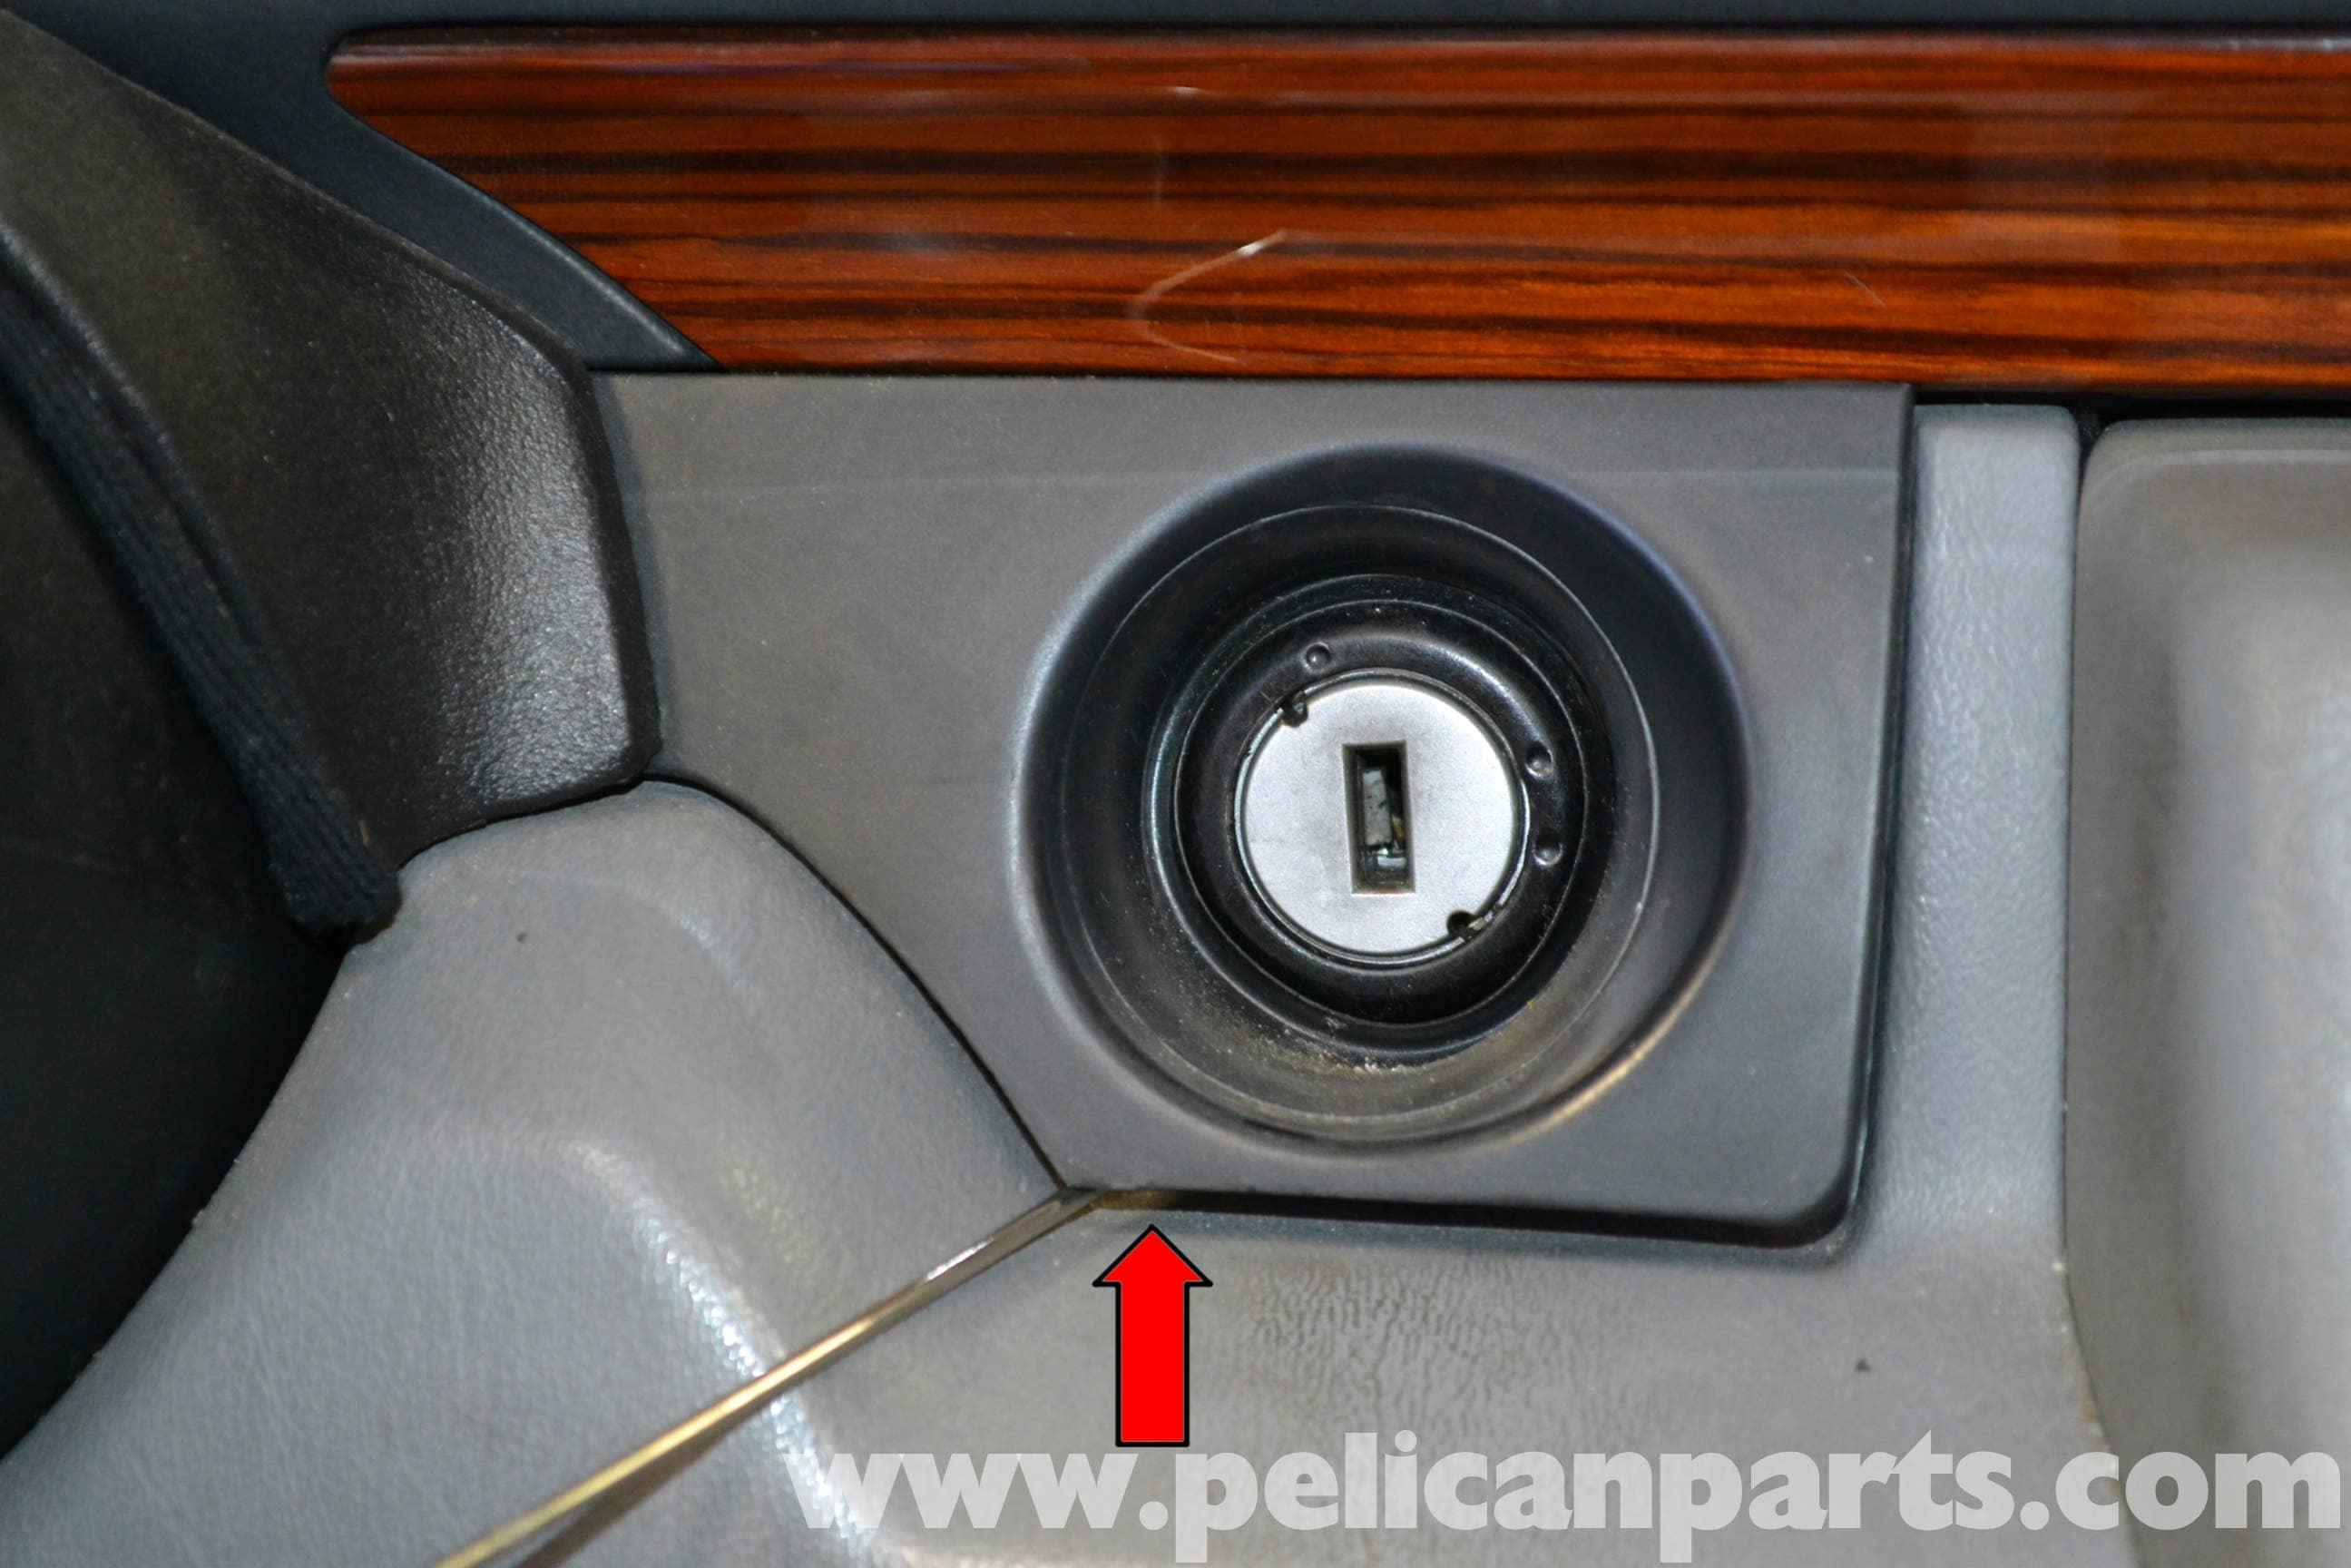 Mercedes-Benz W124 Headlight Switch Replacement | 1986-1995 E-Class